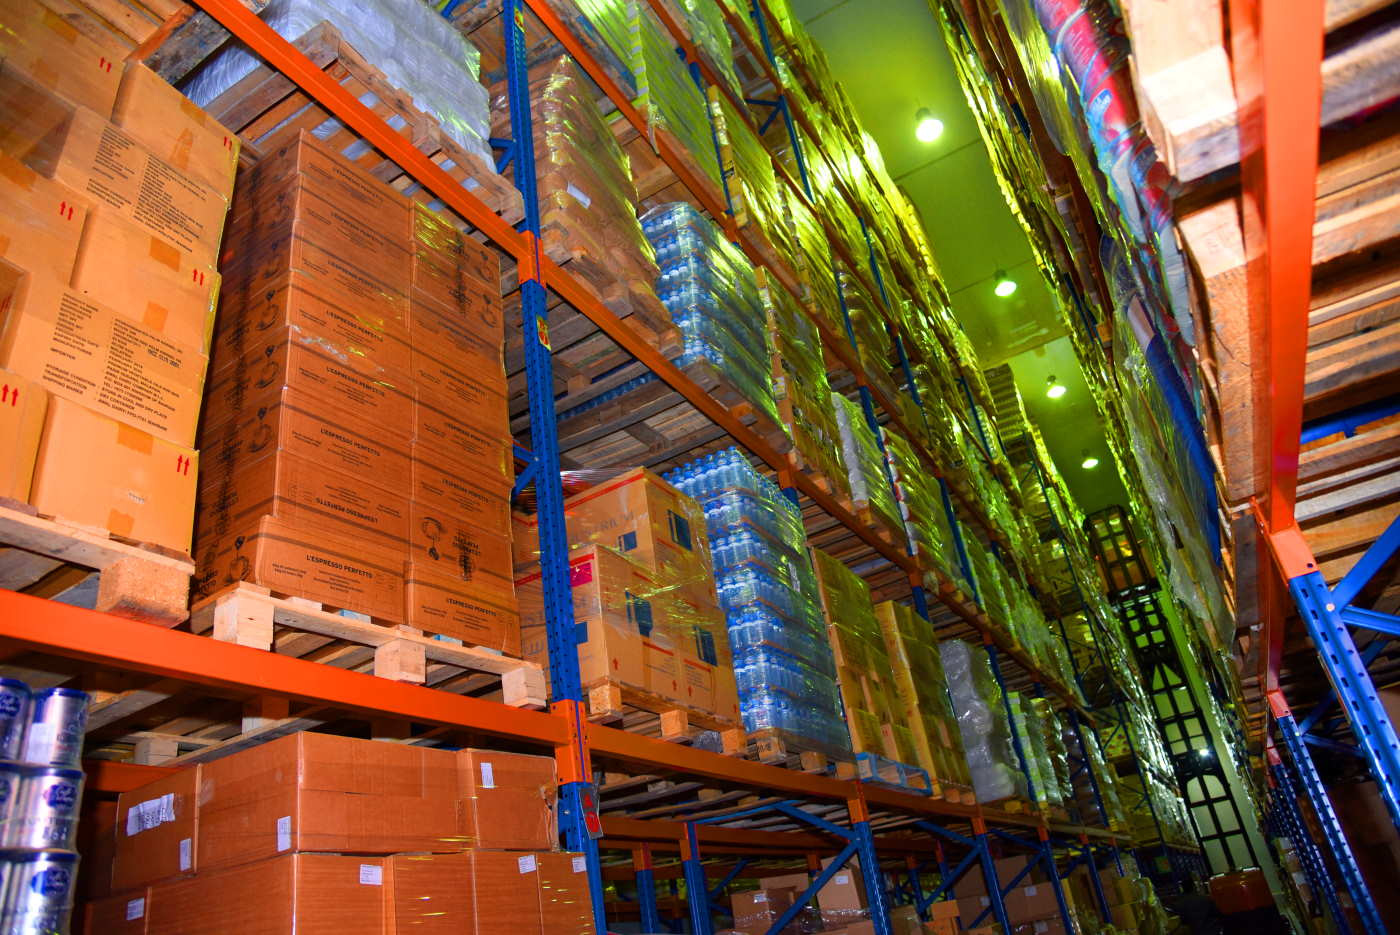 AC Store, Trafco Logistics, Bahrain